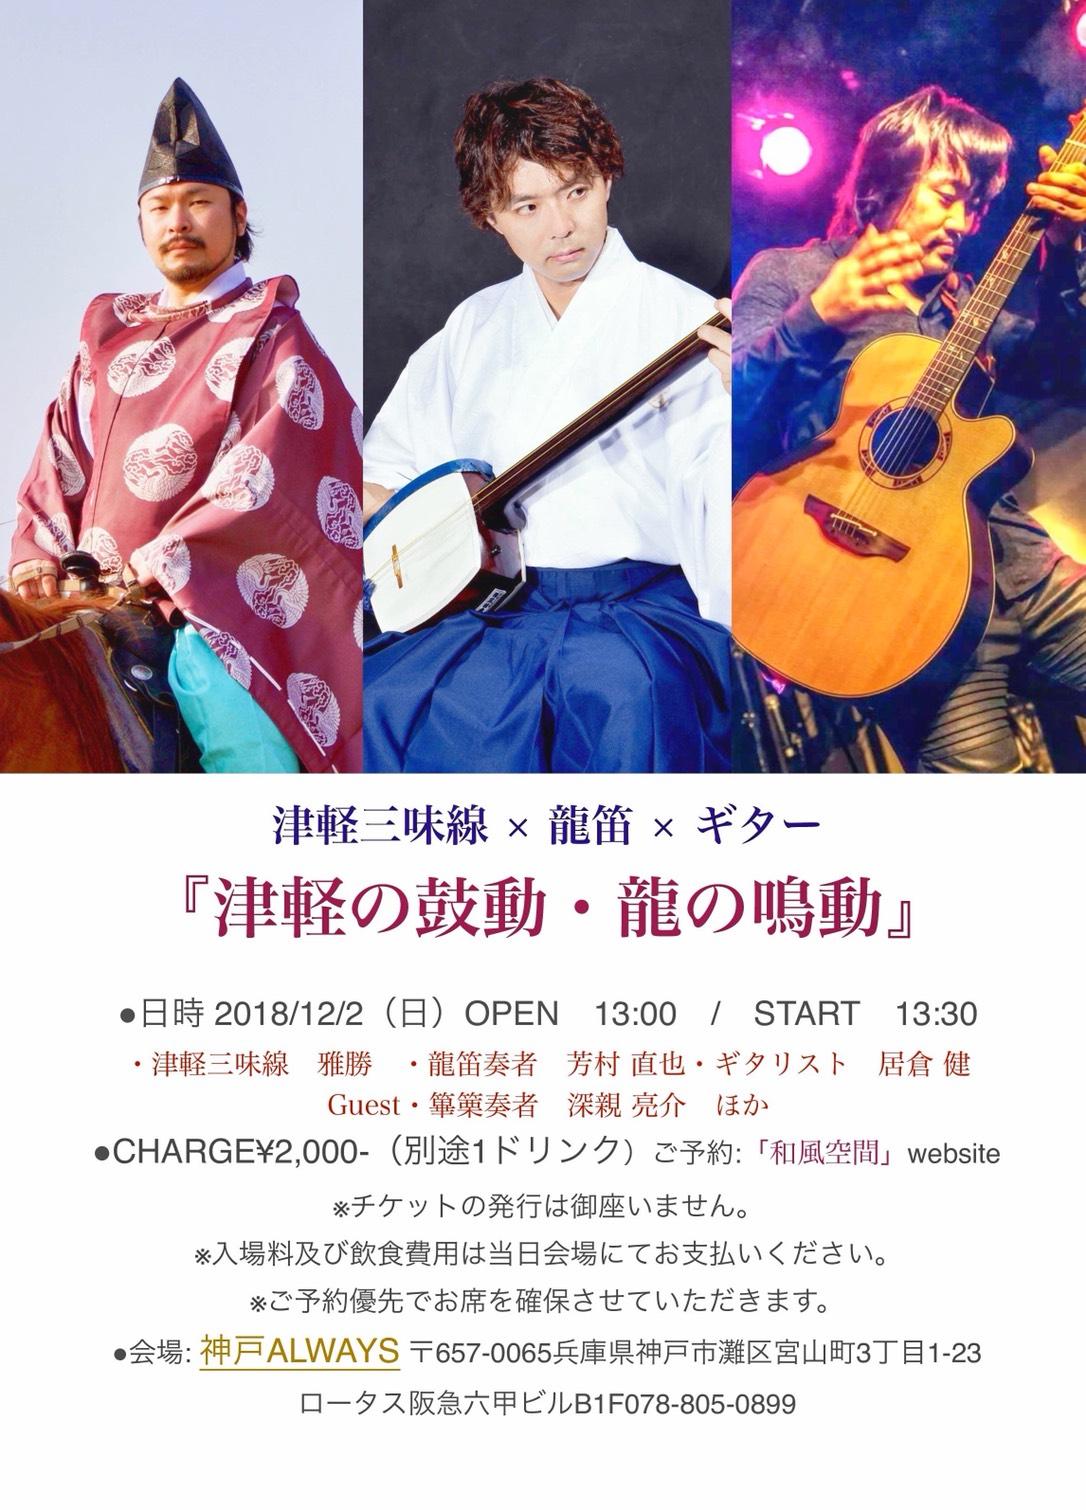 津軽三味線 × 龍笛 × ギター「津軽の鼓動・龍の鳴動」